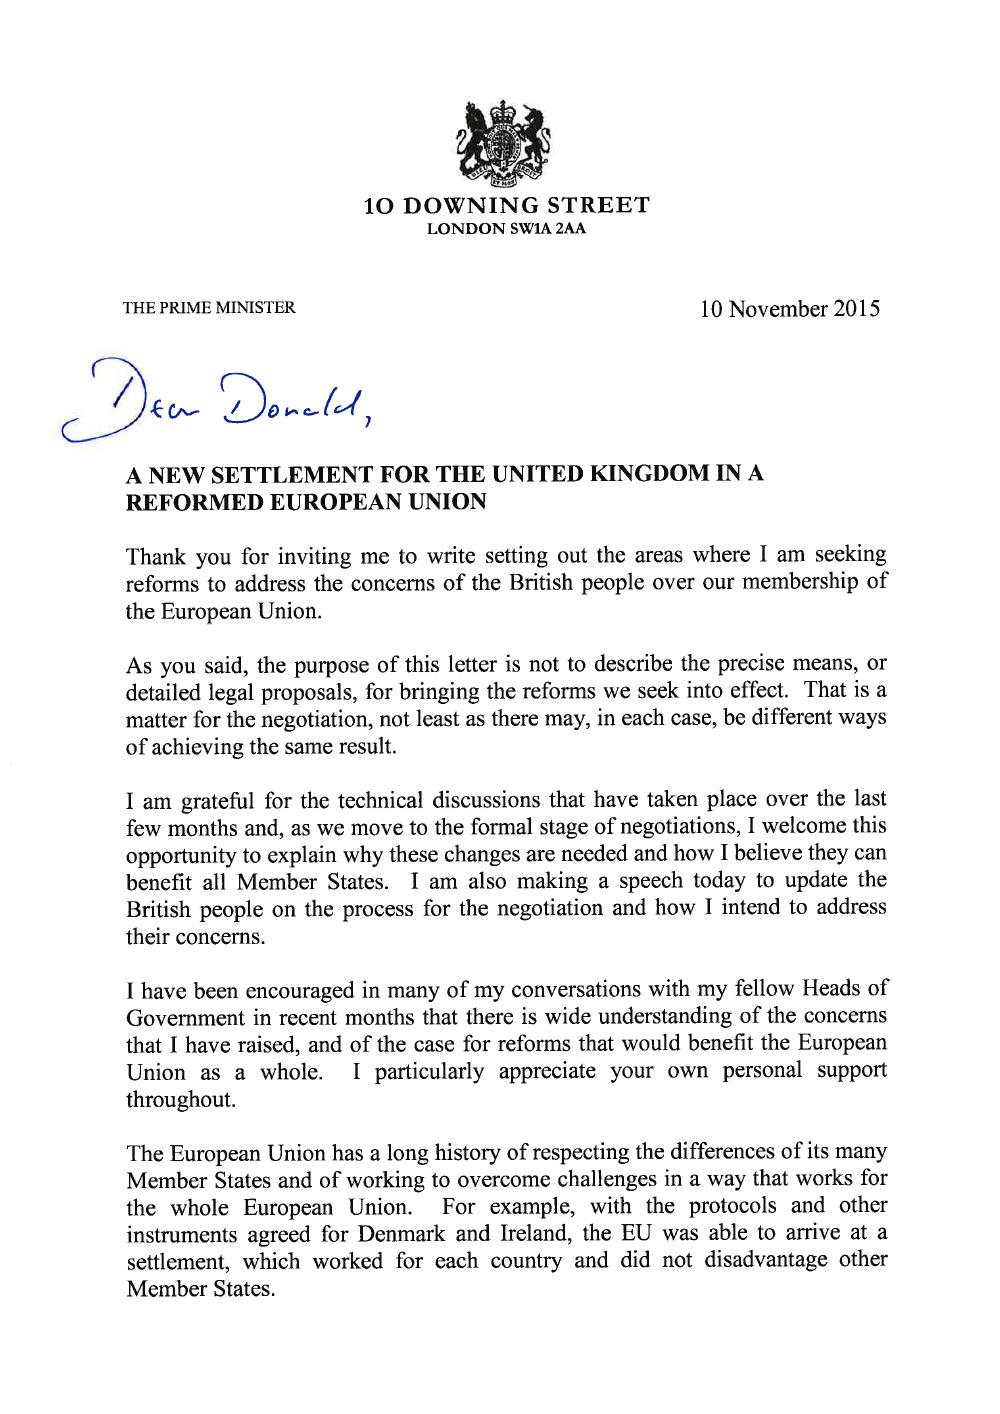 Donald-Tusk-letter_001-1